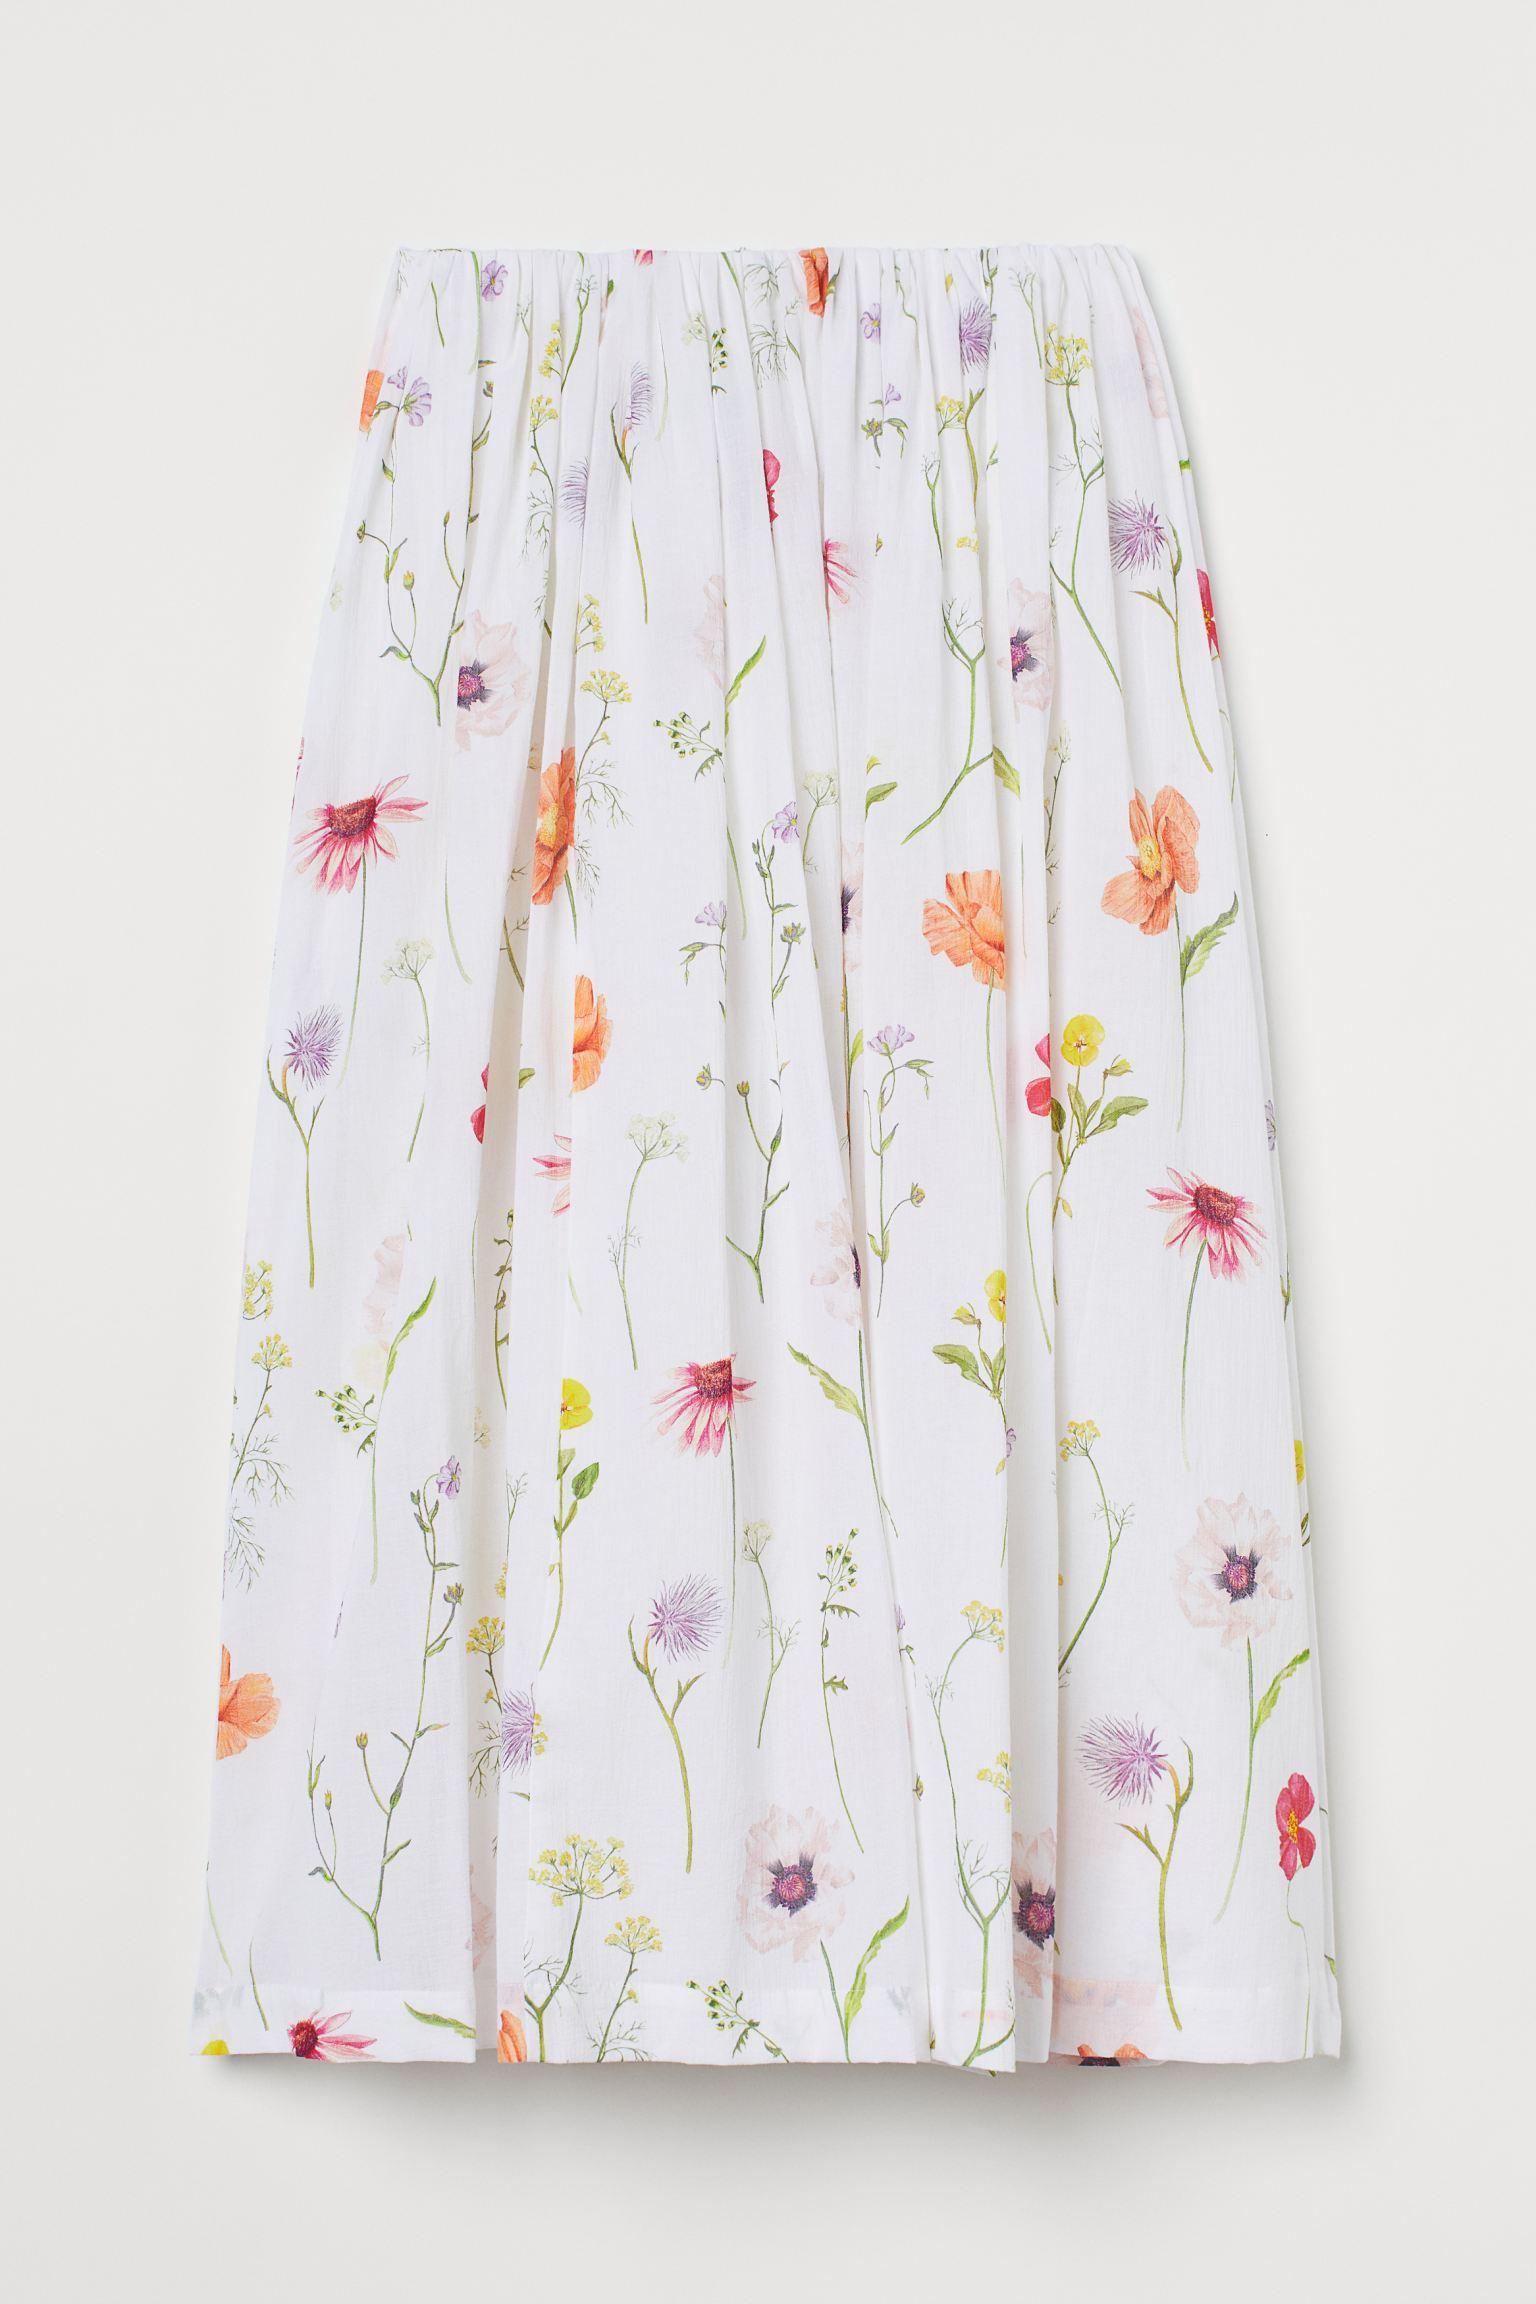 Falda midi maxivolumen en gasa ligera de algodón. Modelo de talle alto con elástico oculto en la cintura. Forrada. Confeccionada en algodón orgánico, esta falda forma parte de nuestra colección de flores silvestres pintadas a mano.